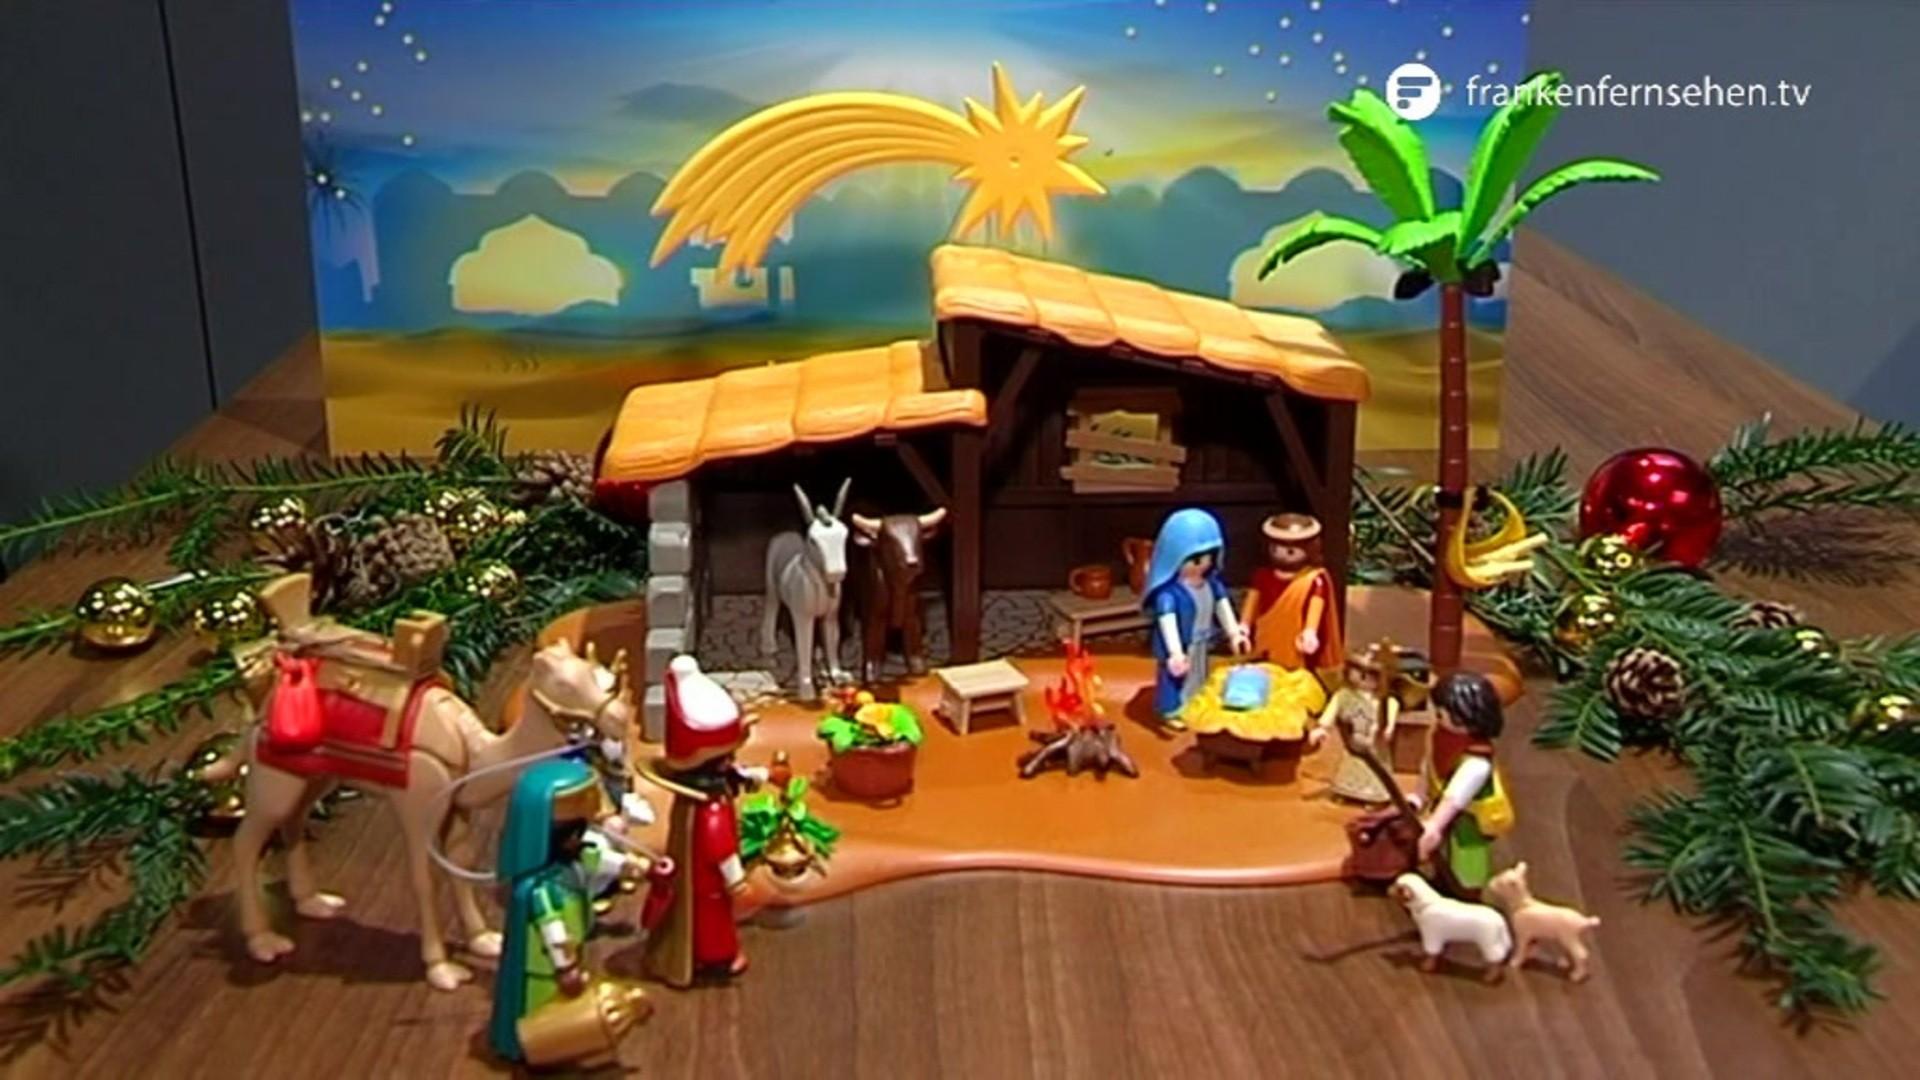 Playmobil Weihnachtskrippe.Playmobil So Entstehen Die Weihnachtskrippen Franken